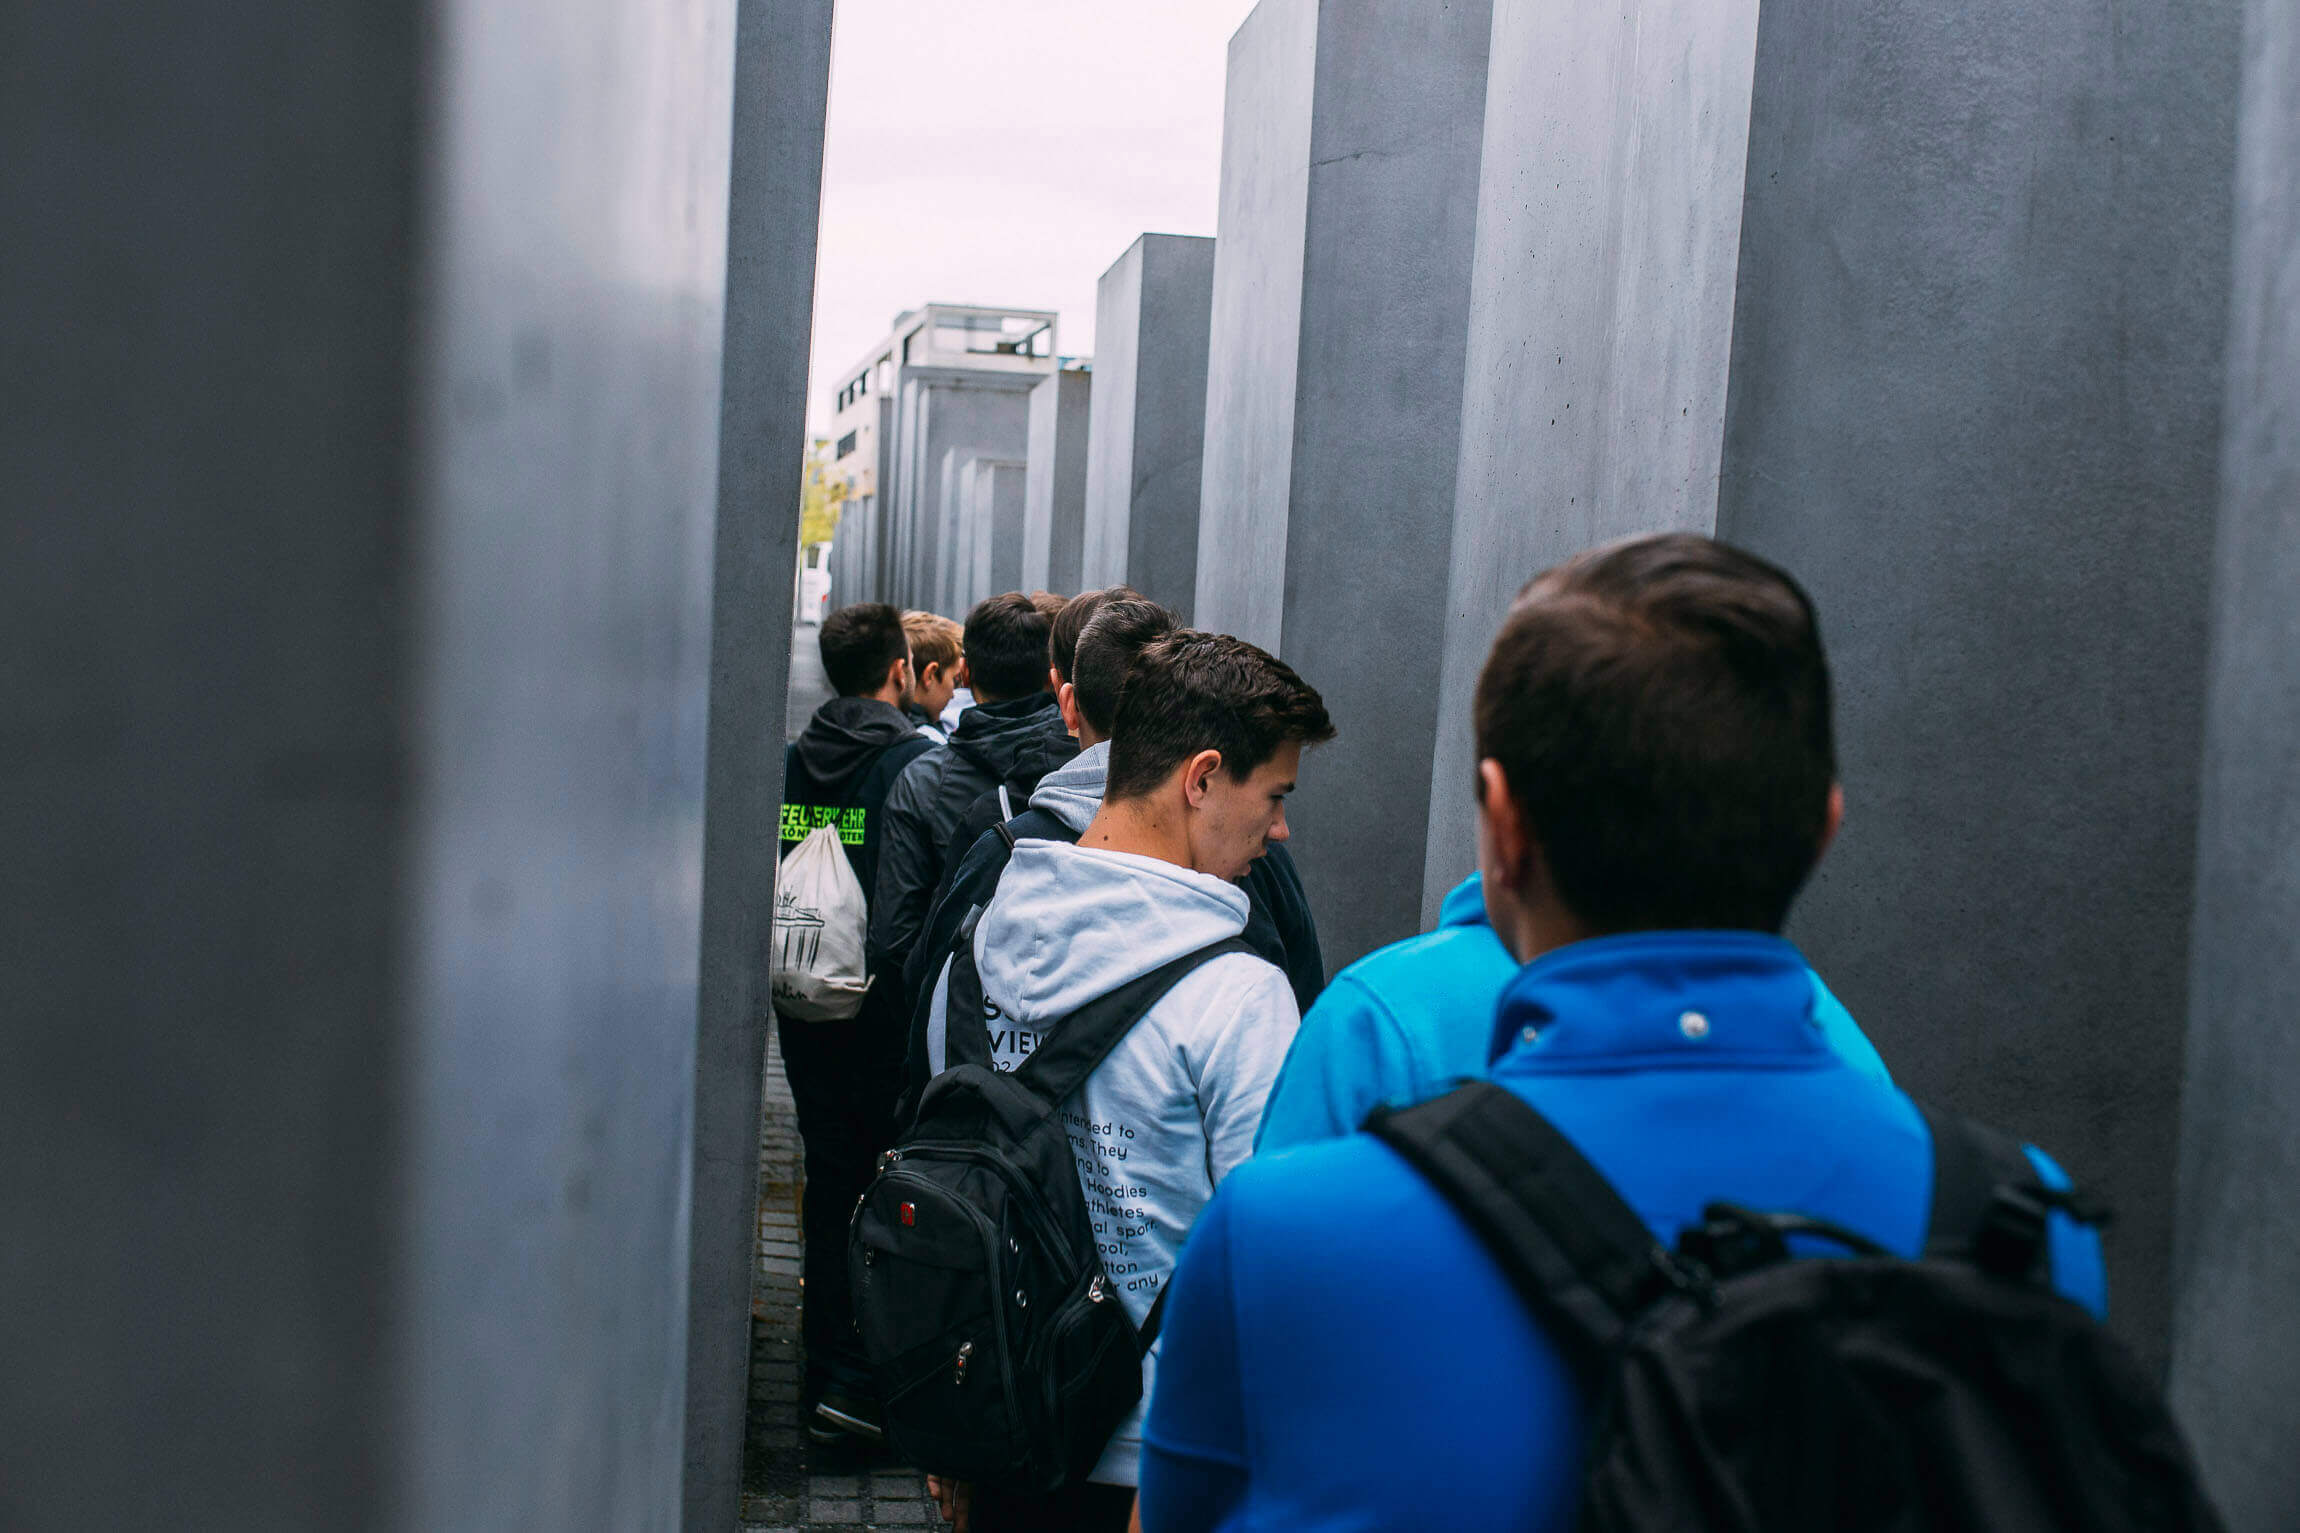 Jugendfeuerwehr Koenigstaedten Berlin 12